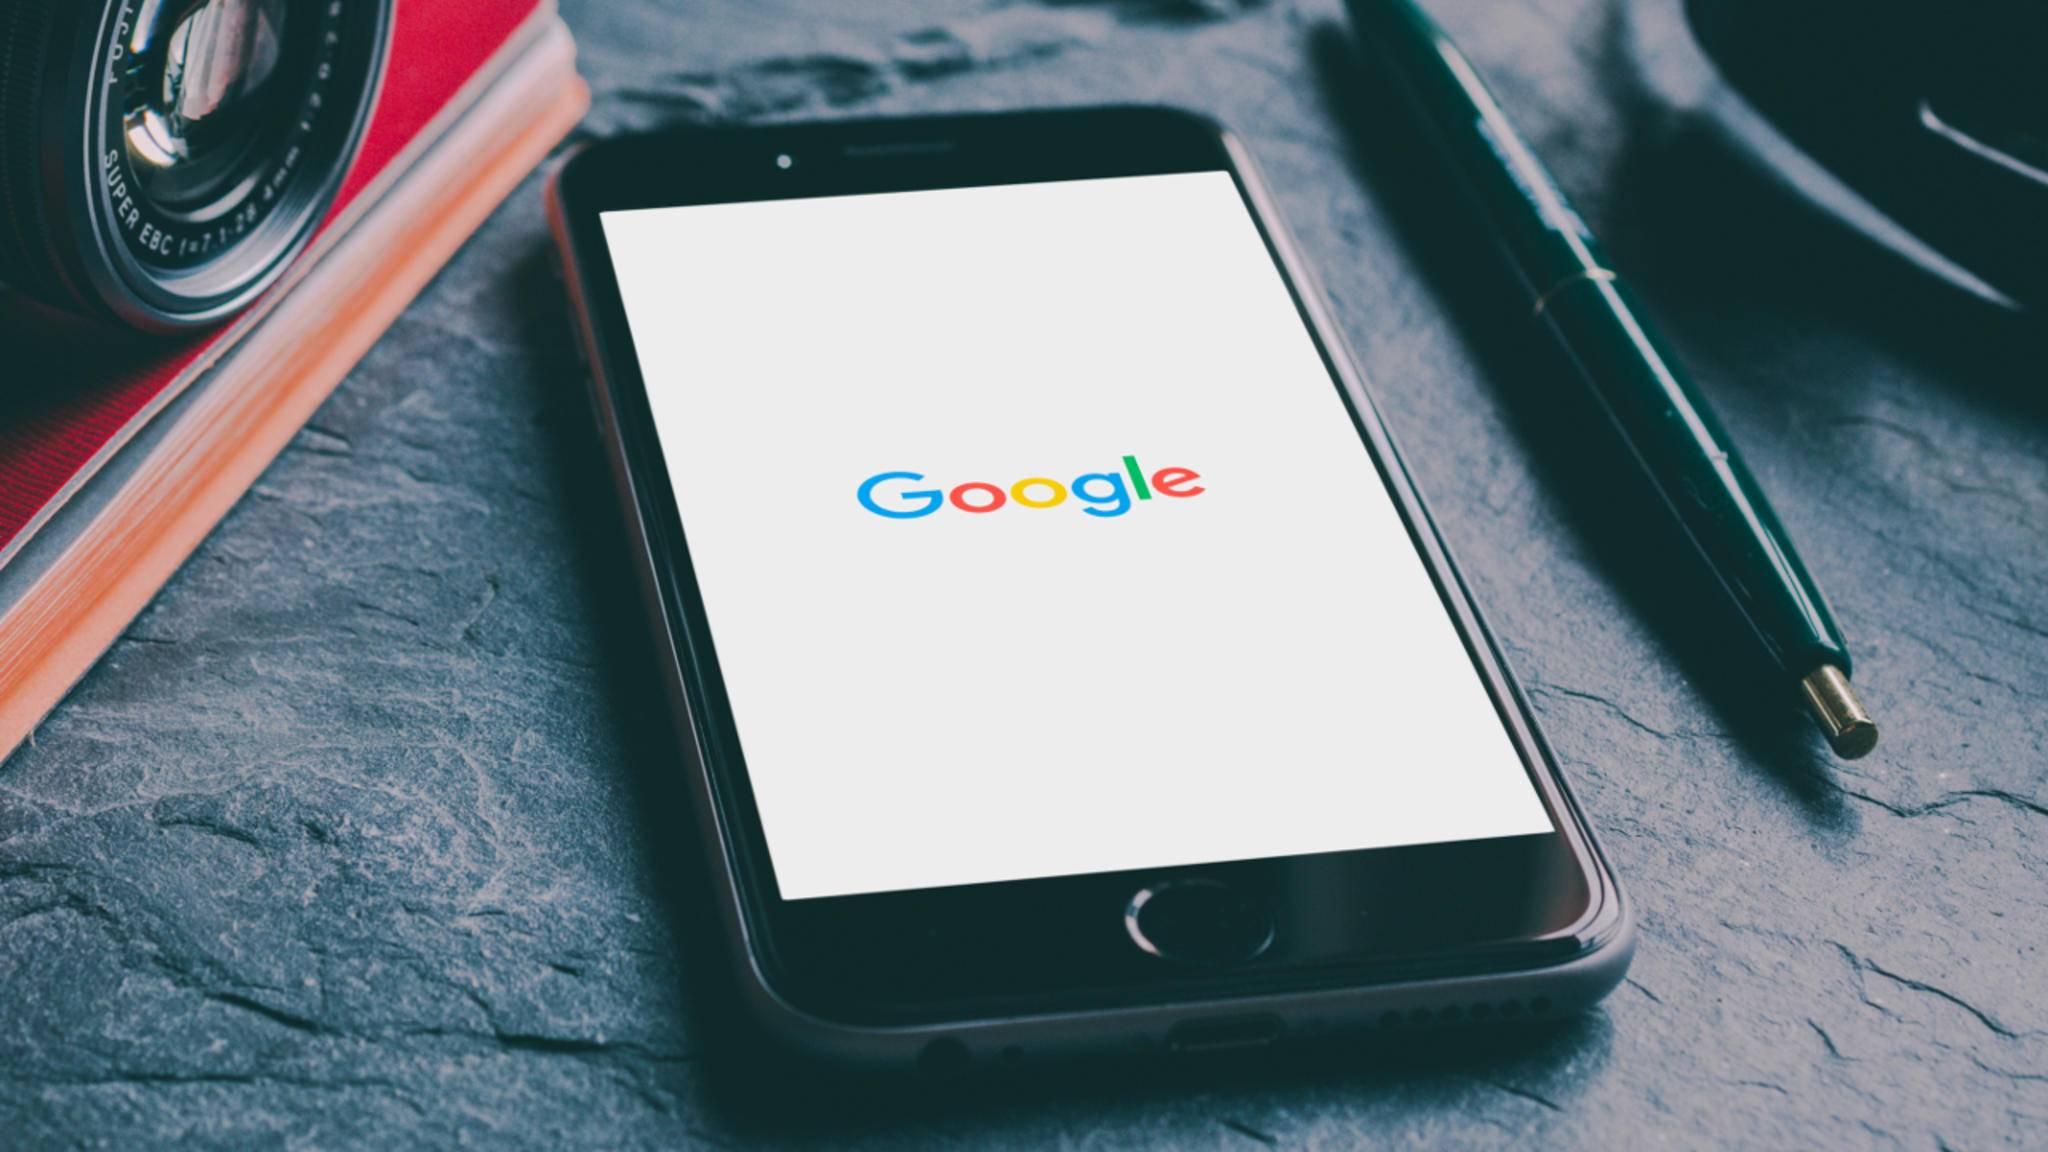 Google ist die Standard-Suche auf dem iPhone - wohl auch des Geldes wegen.